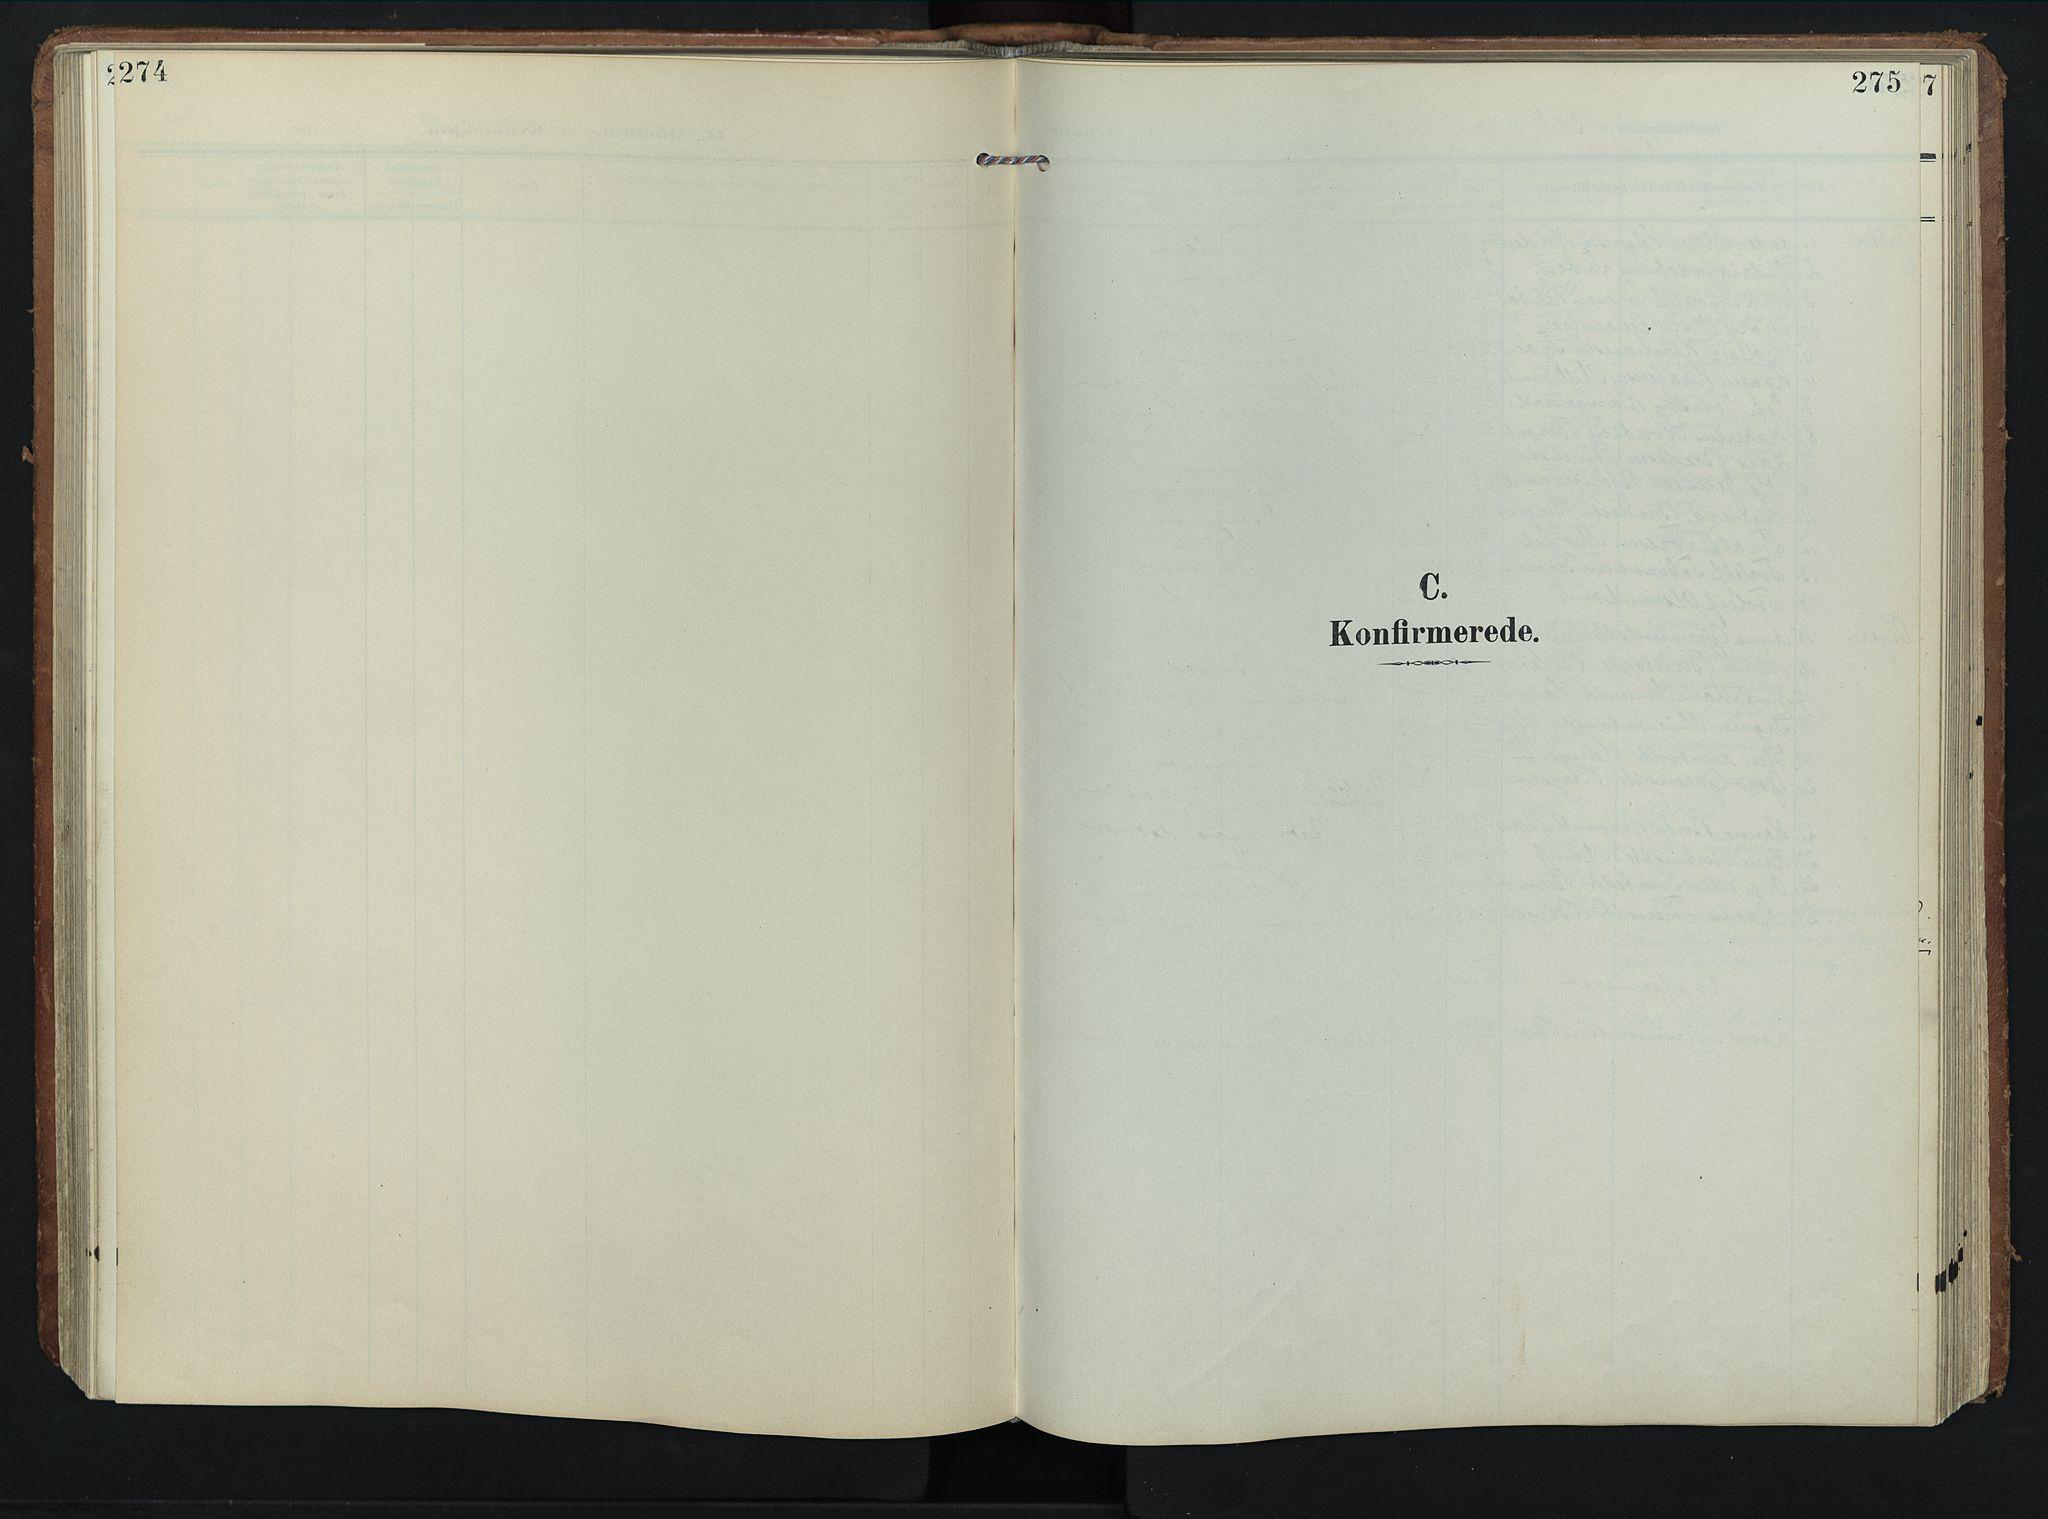 SAH, Rendalen prestekontor, H/Ha/Hab/L0004: Klokkerbok nr. 4, 1904-1946, s. 274-275